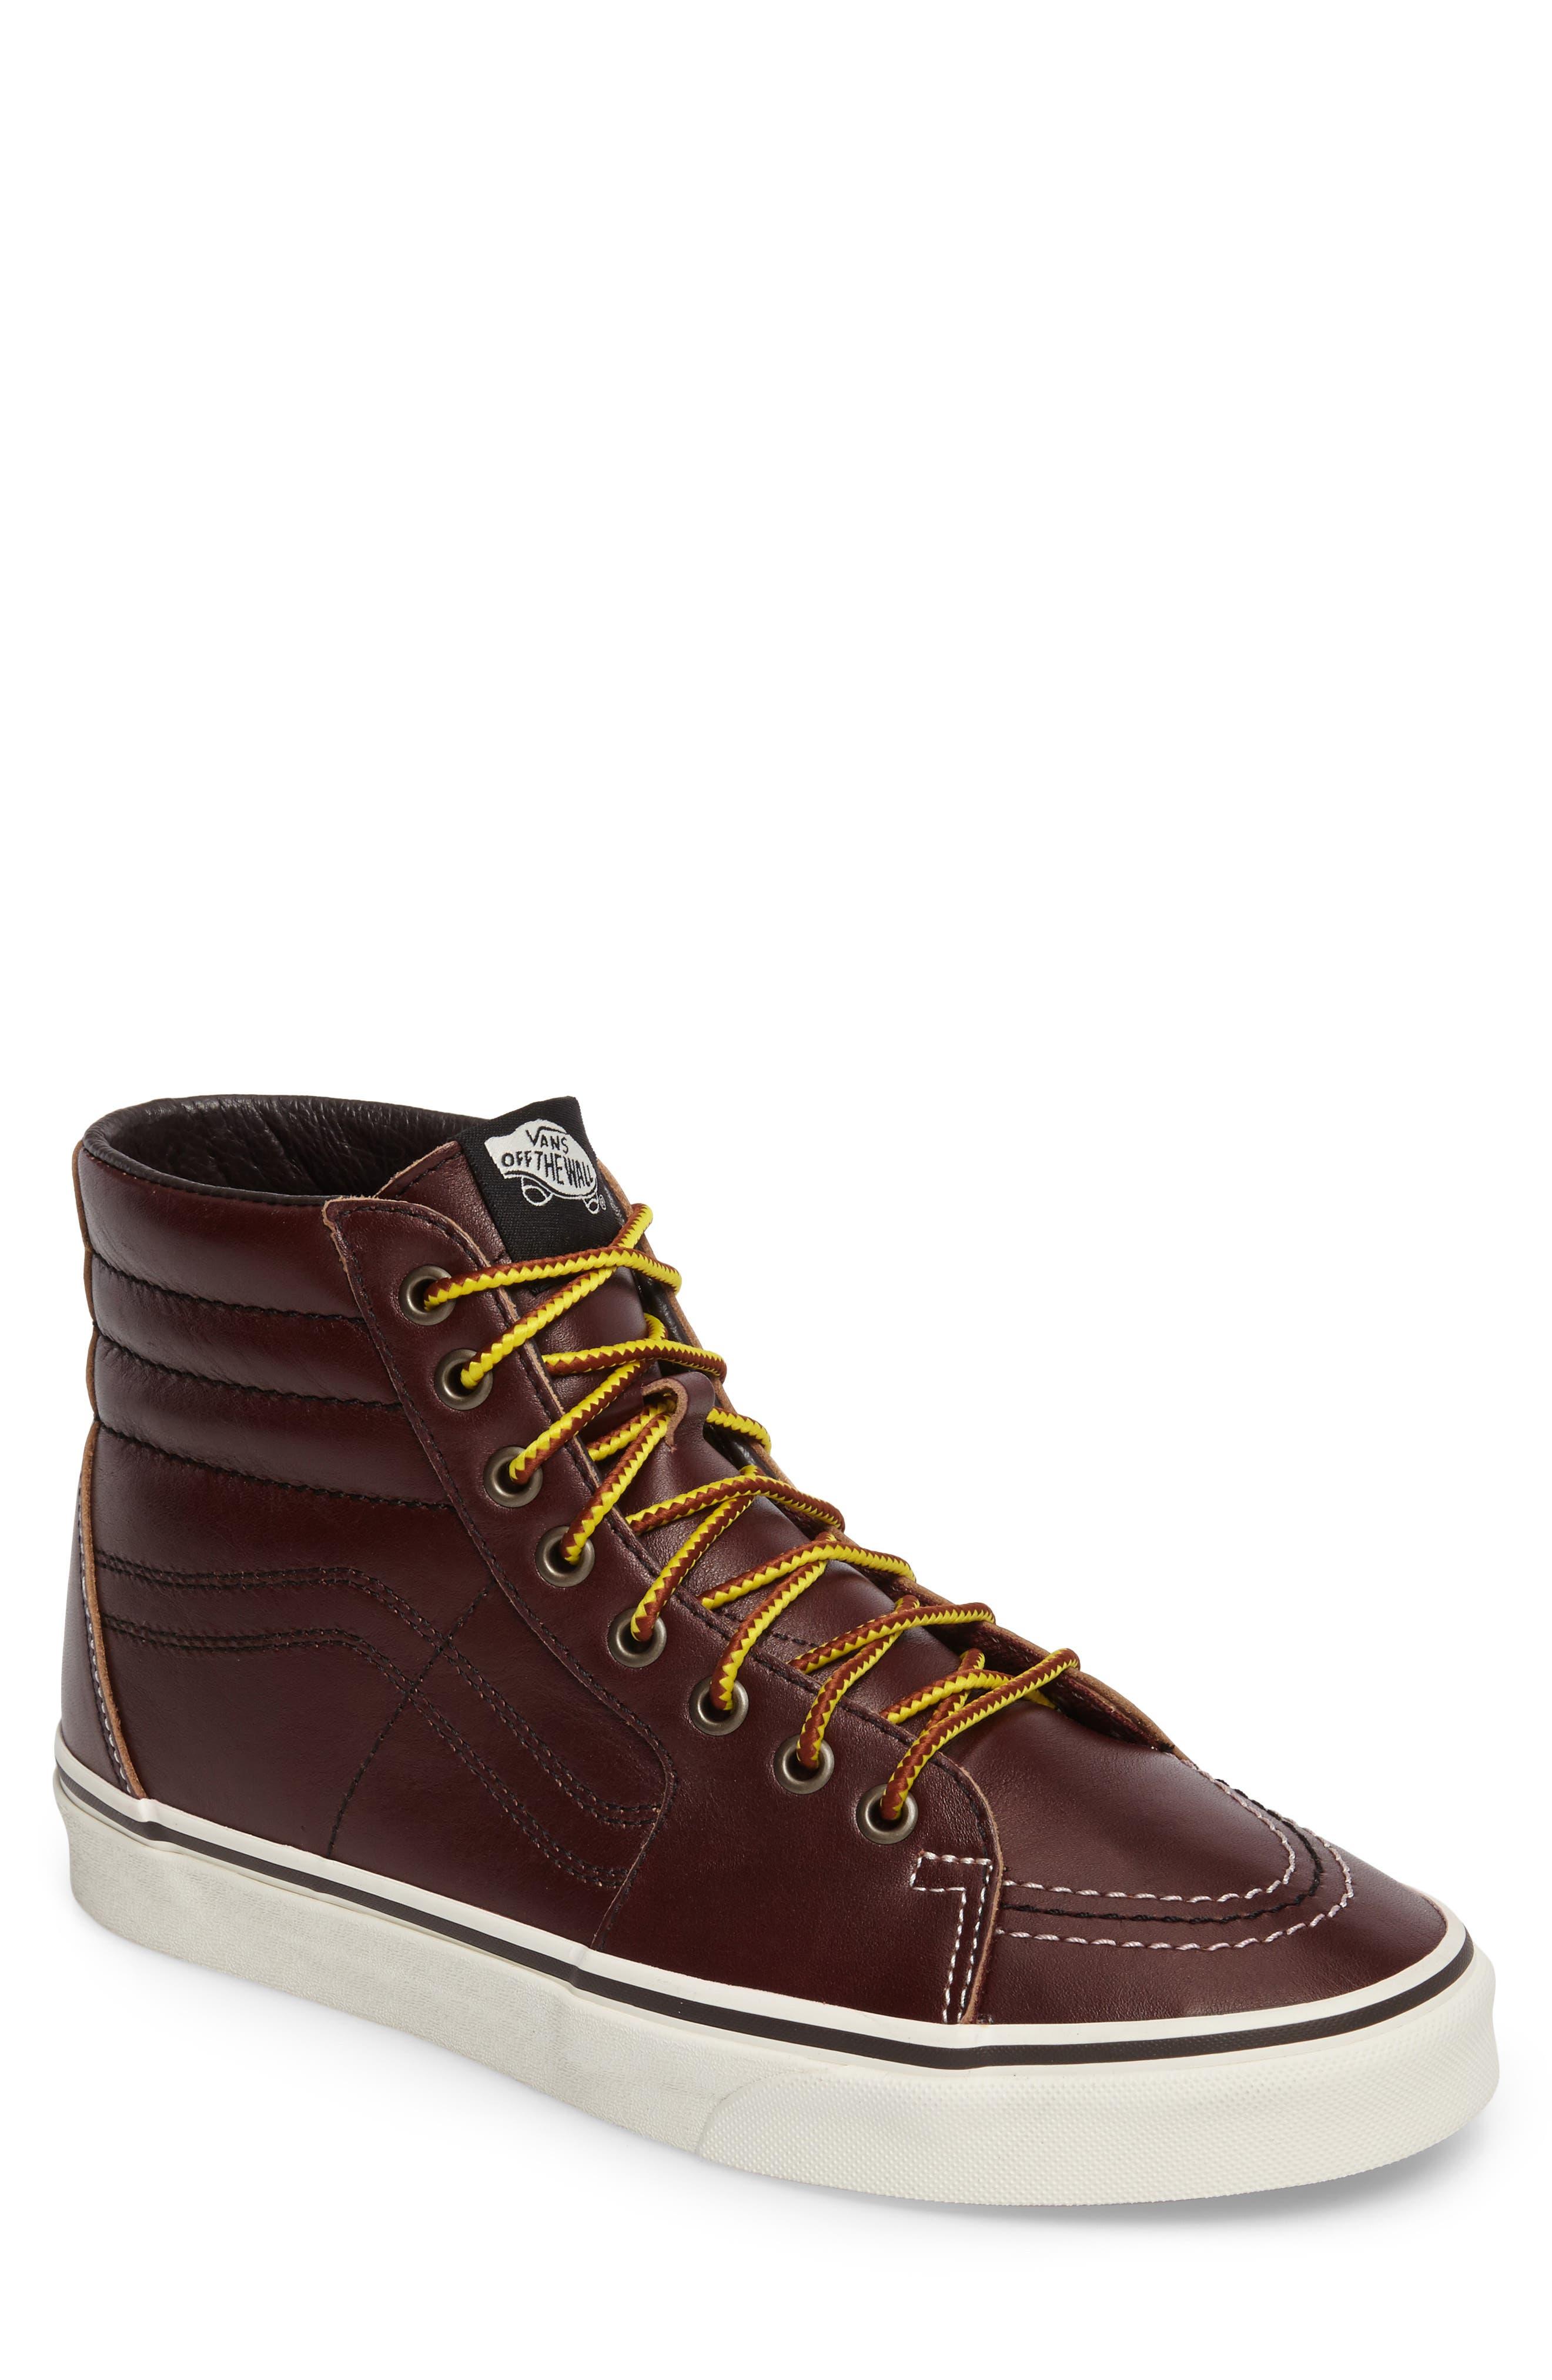 Sk8-Hi Sneaker,                         Main,                         color, 200